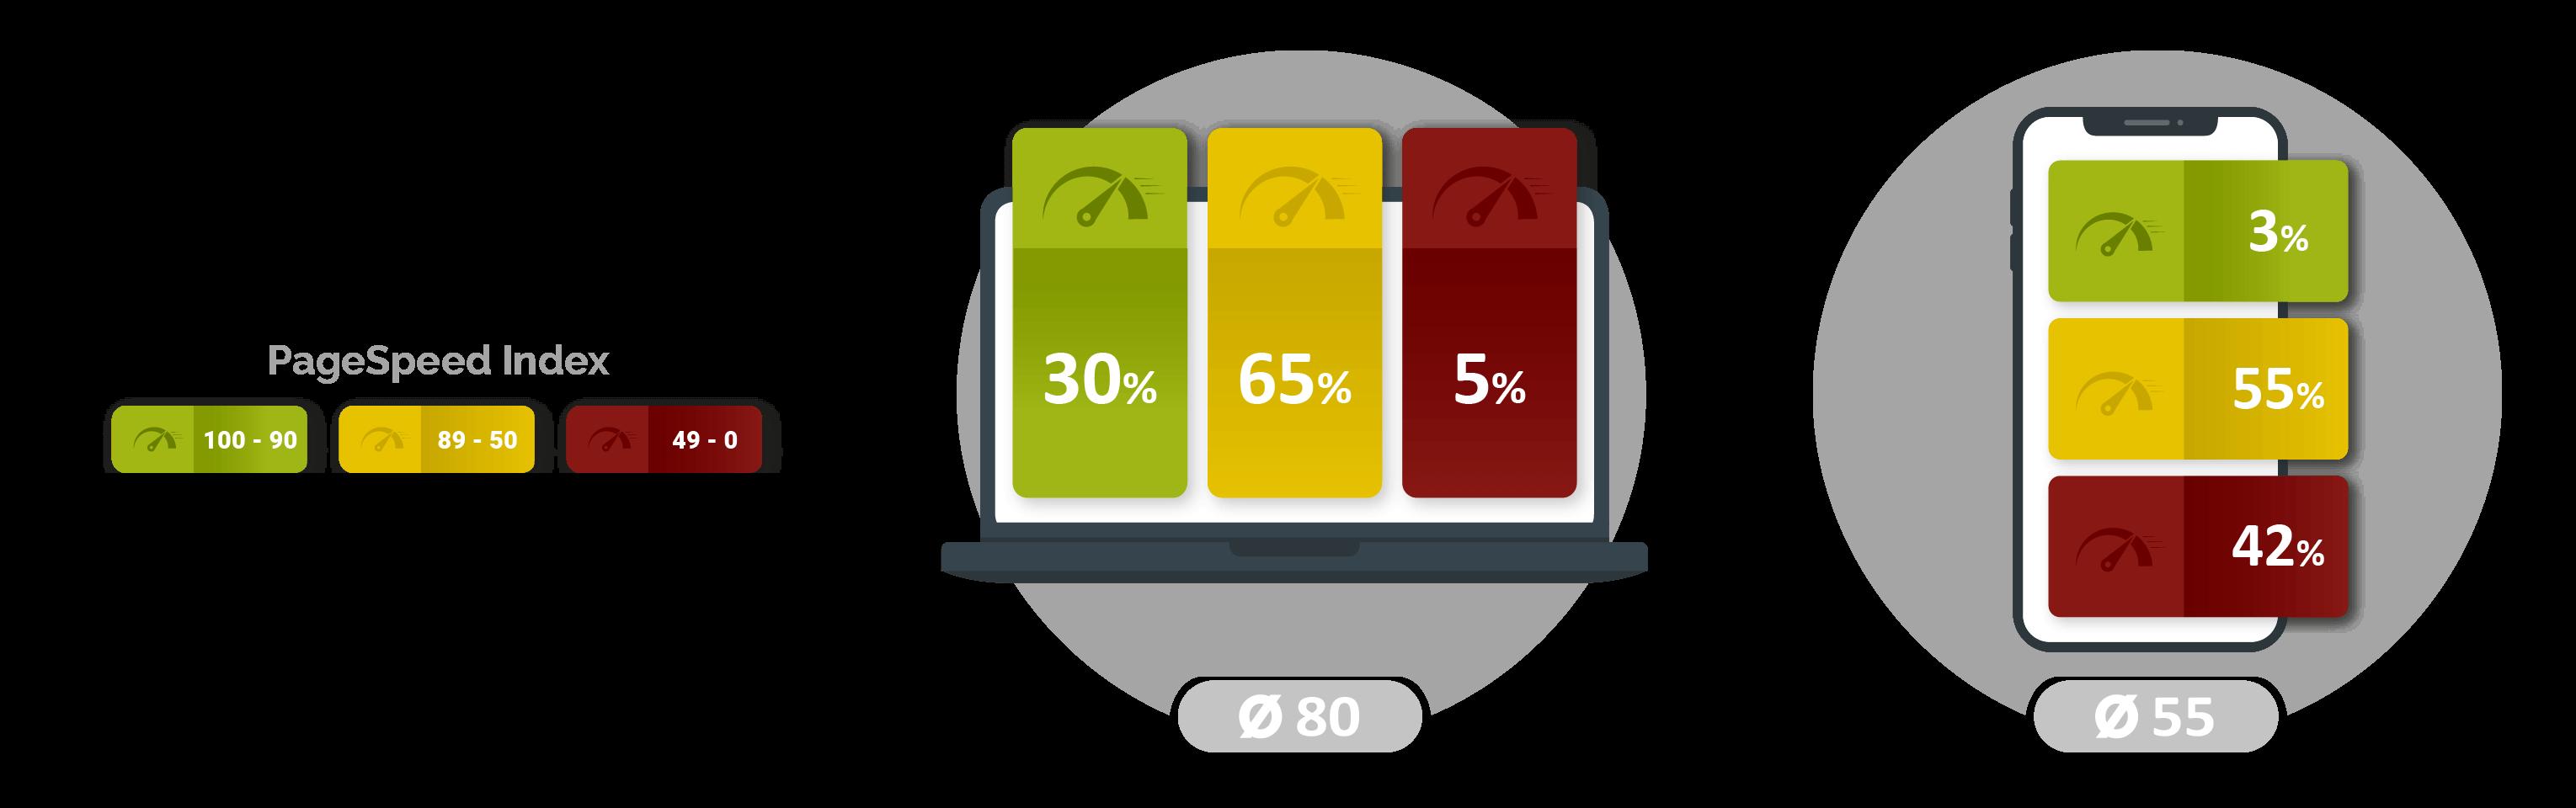 mobile ladezeiten im vergleich - Benchmarks der Internetnutzung 2020